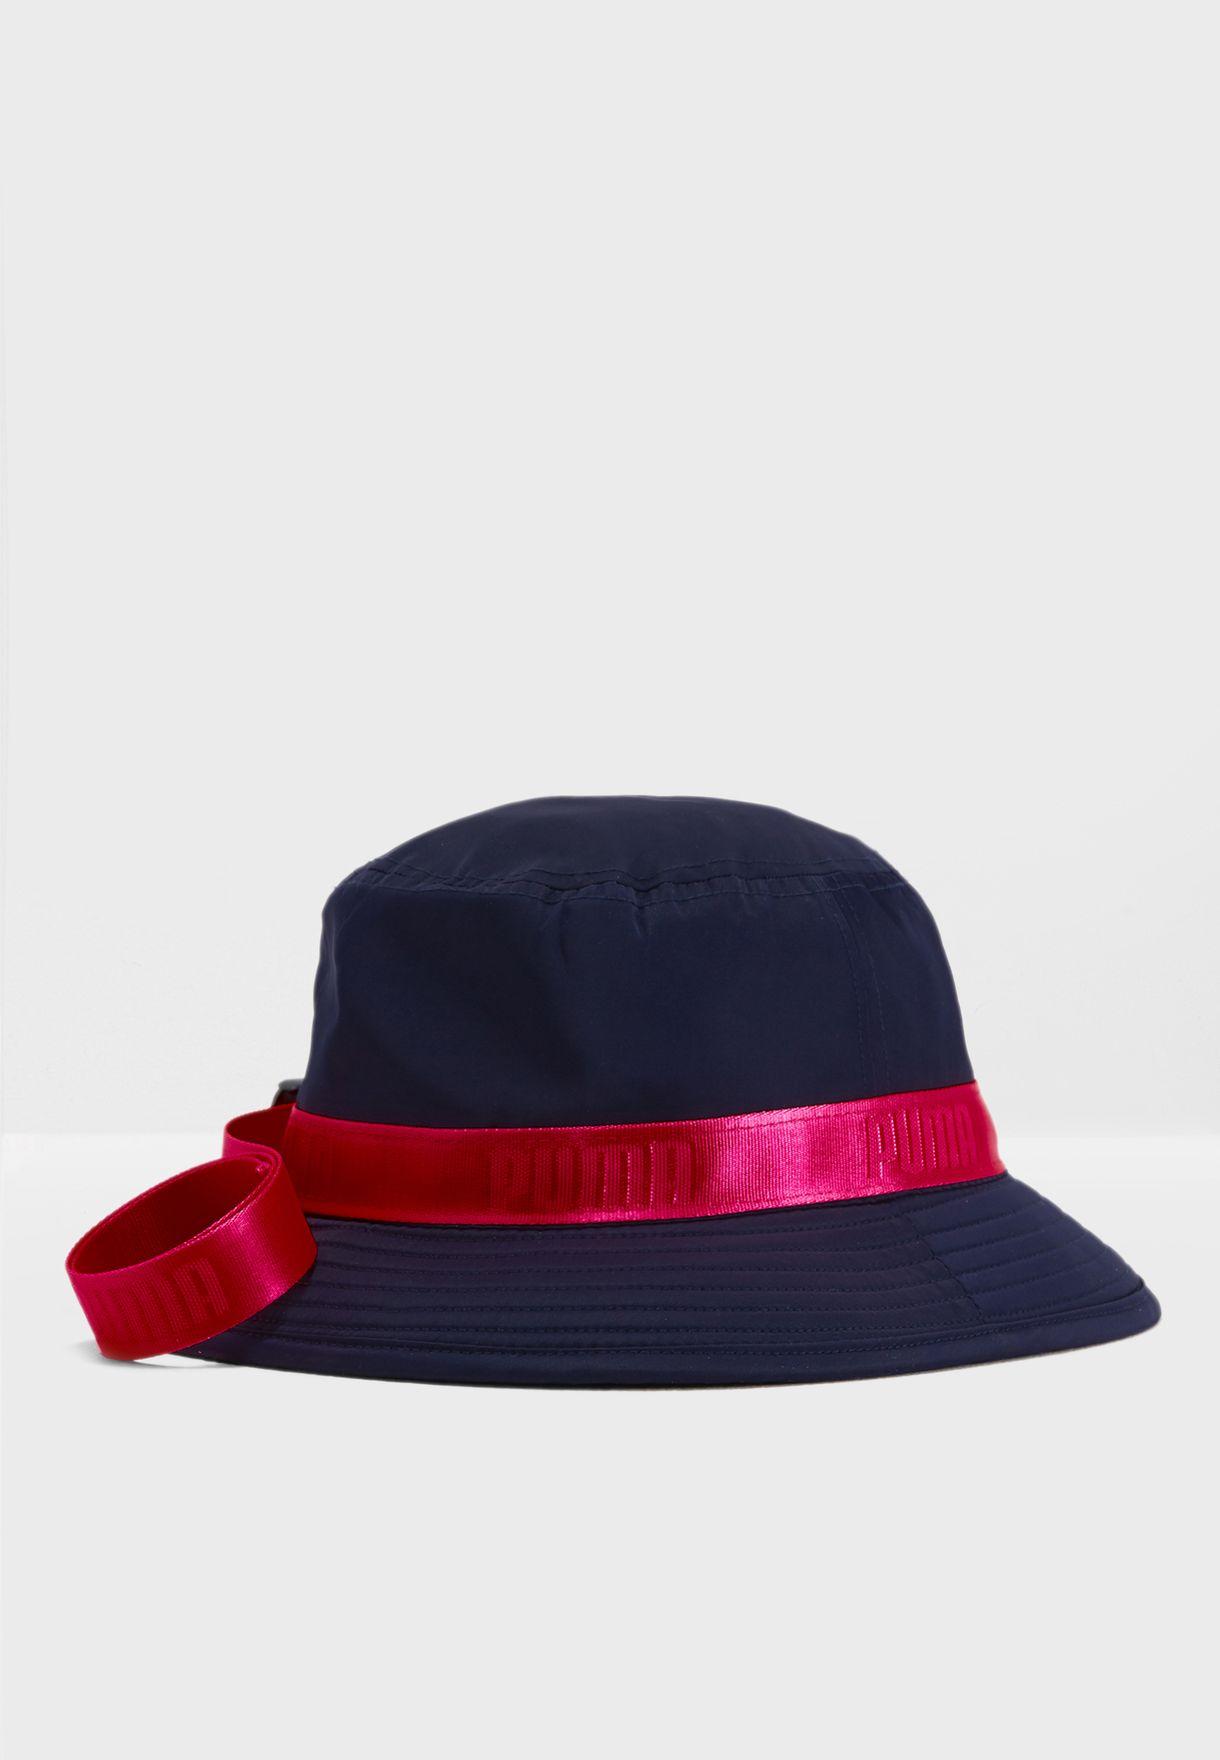 0a22d7fac06 Shop PUMA x Fenty navy Strapped Bucket 2185401 for Women in UAE ...